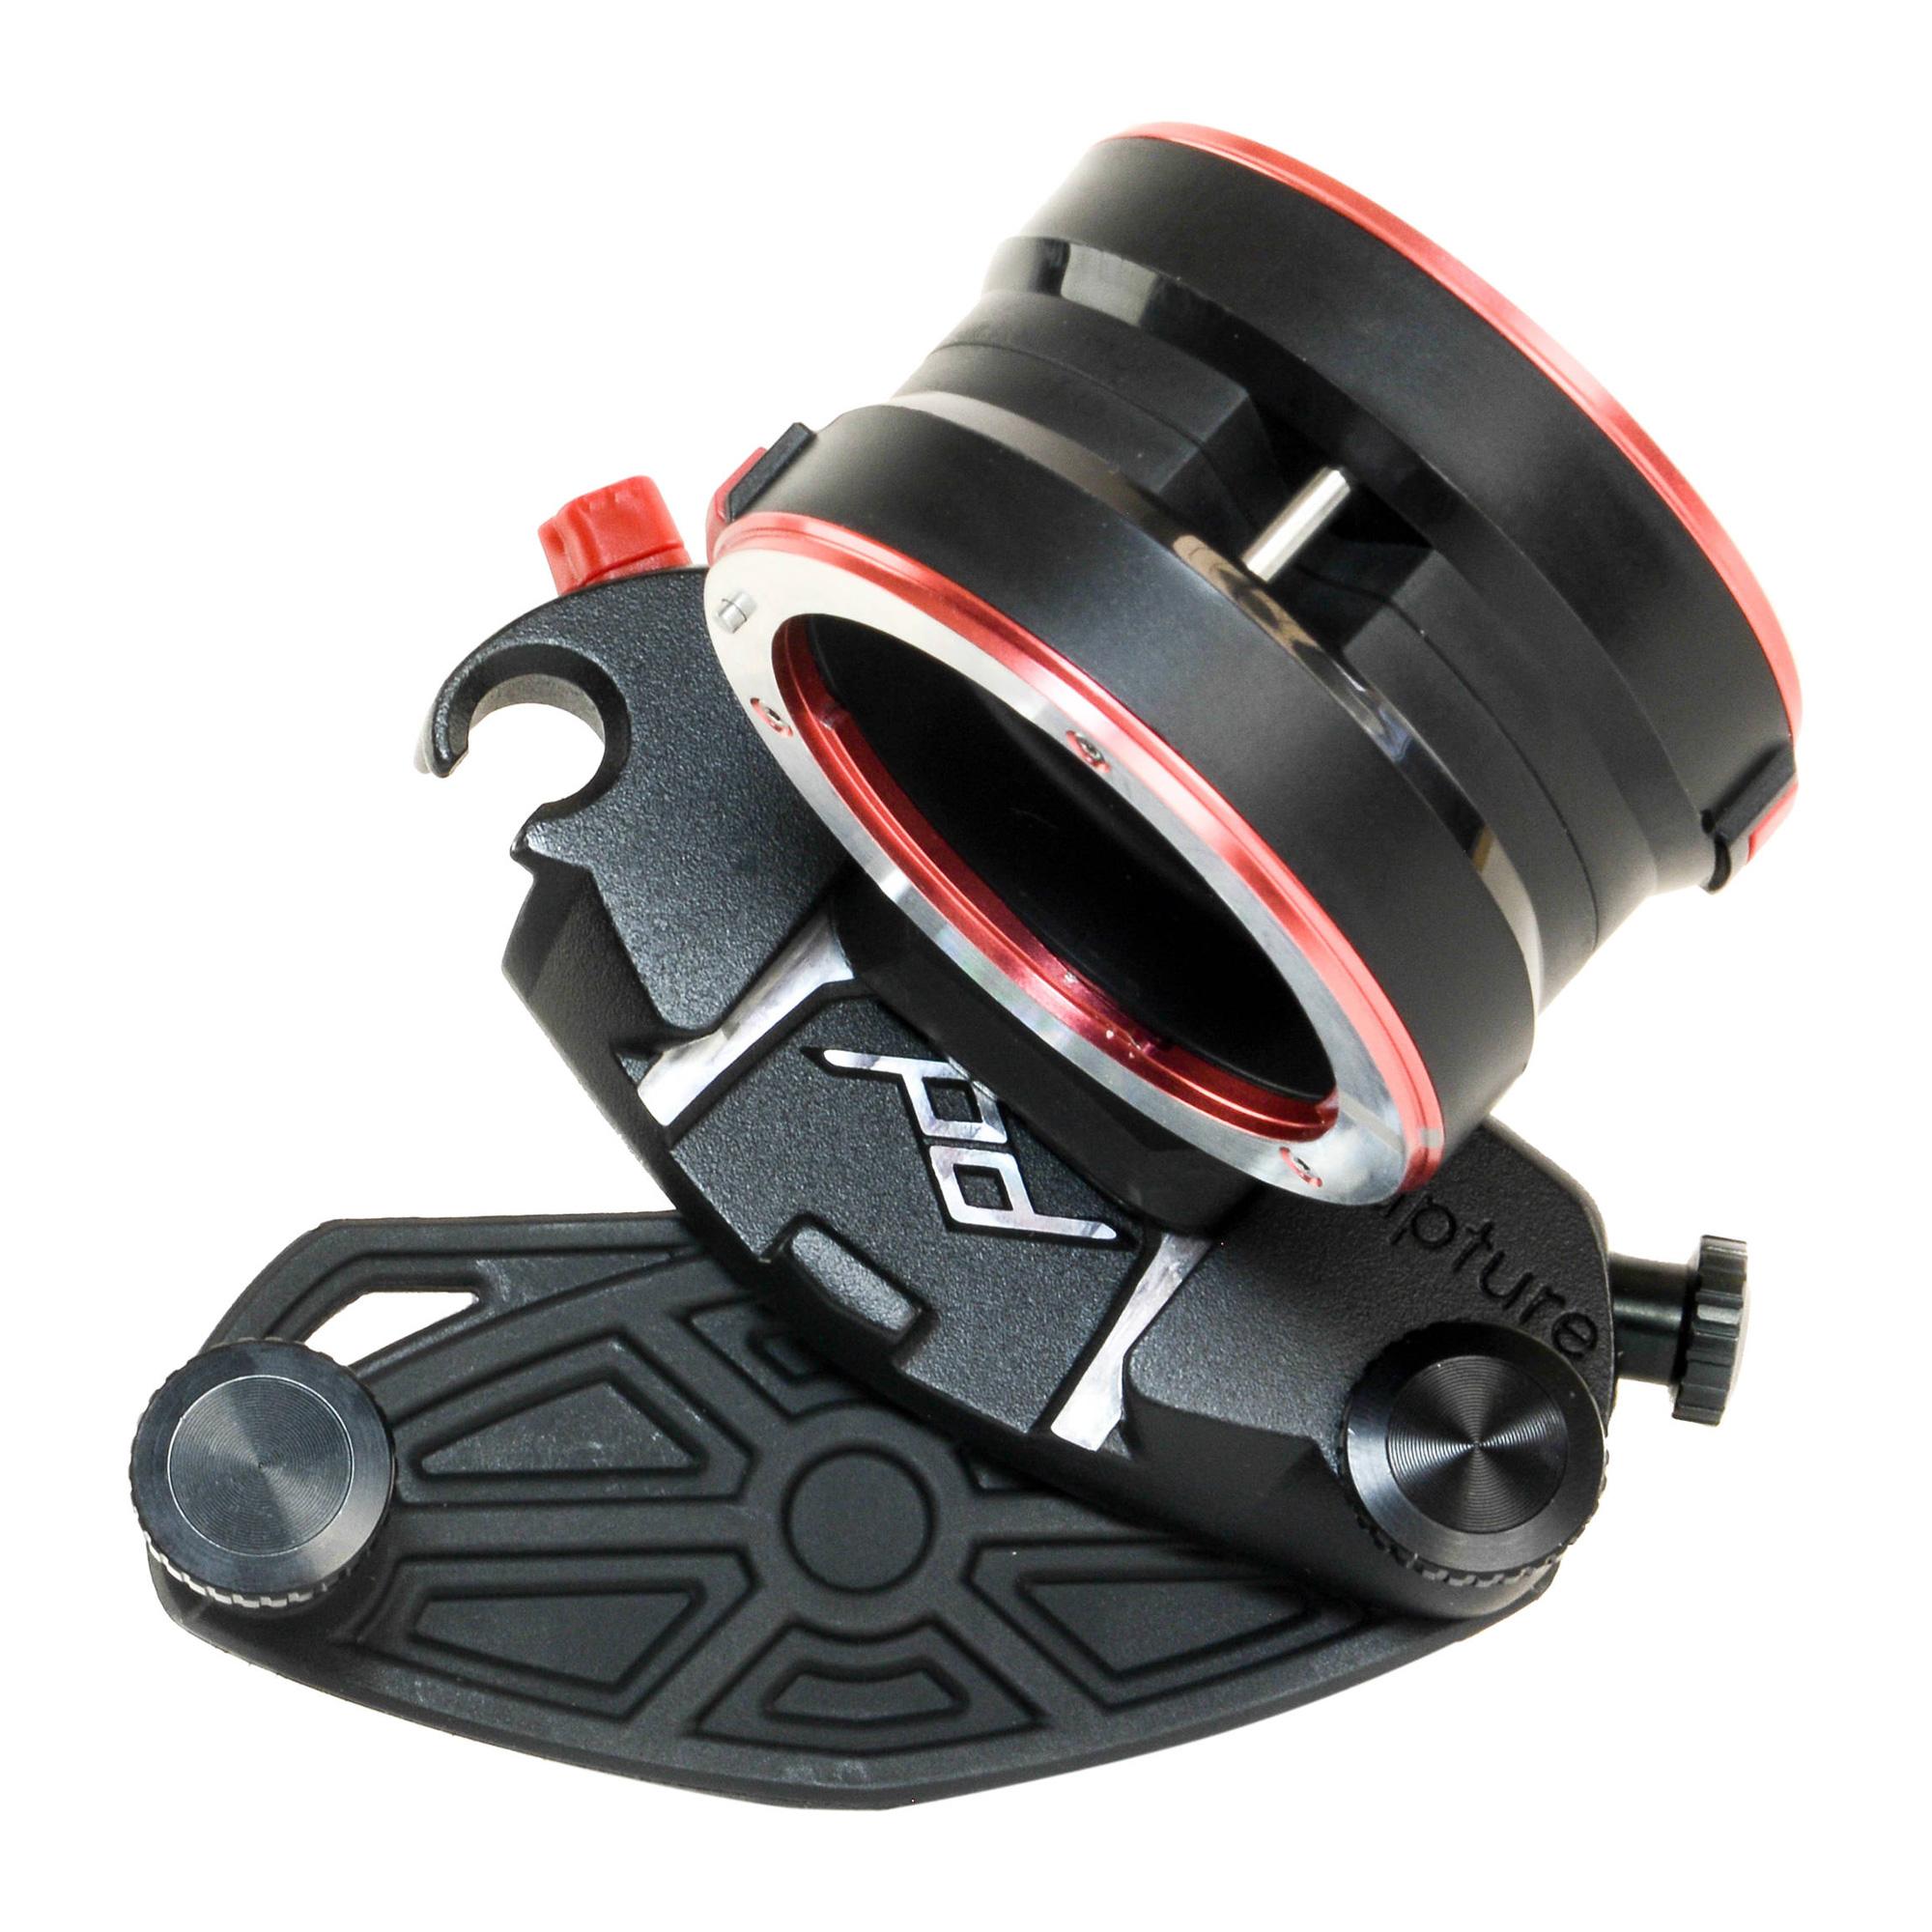 Image of Peak Design Canon EF CaptureLENS